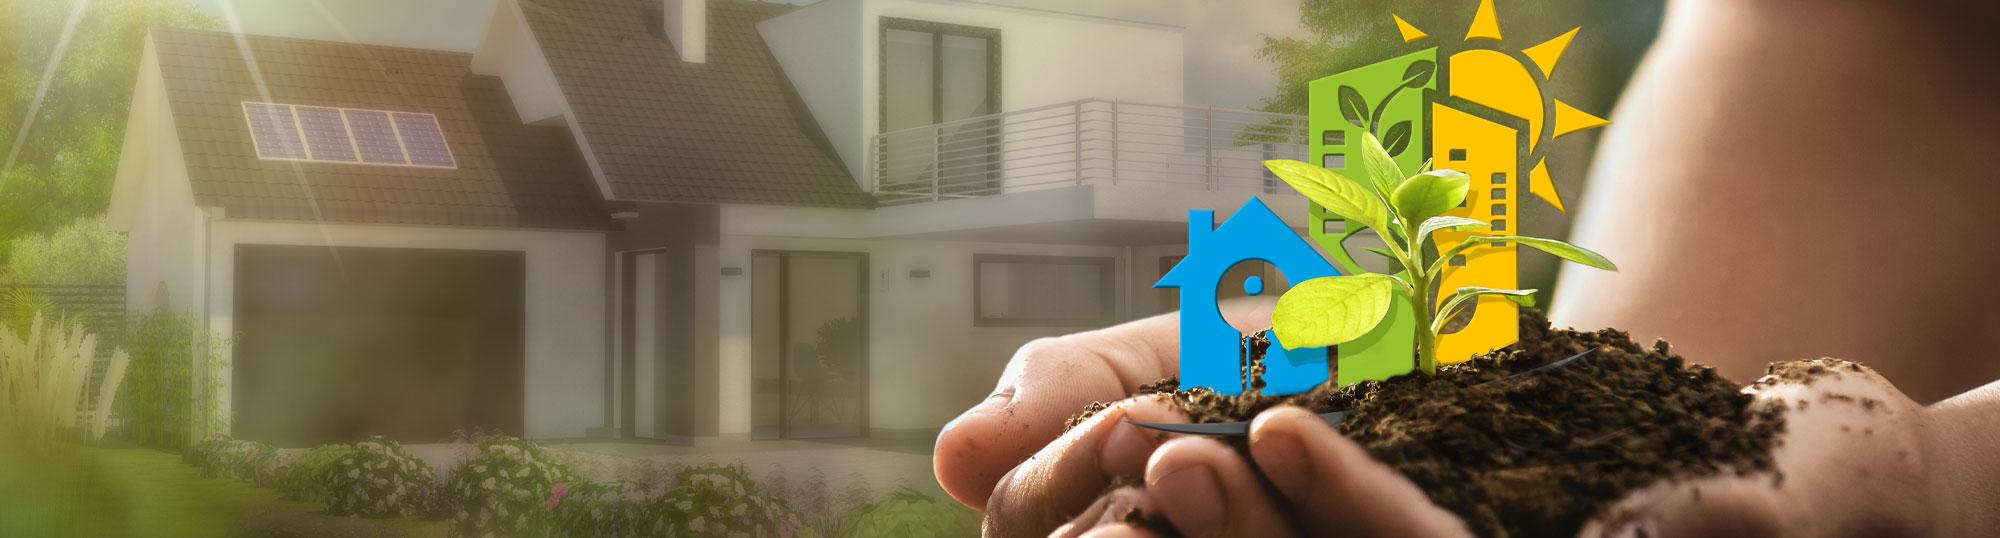 Uw Hypotheekadviseur Norg hpotheek verbeteren